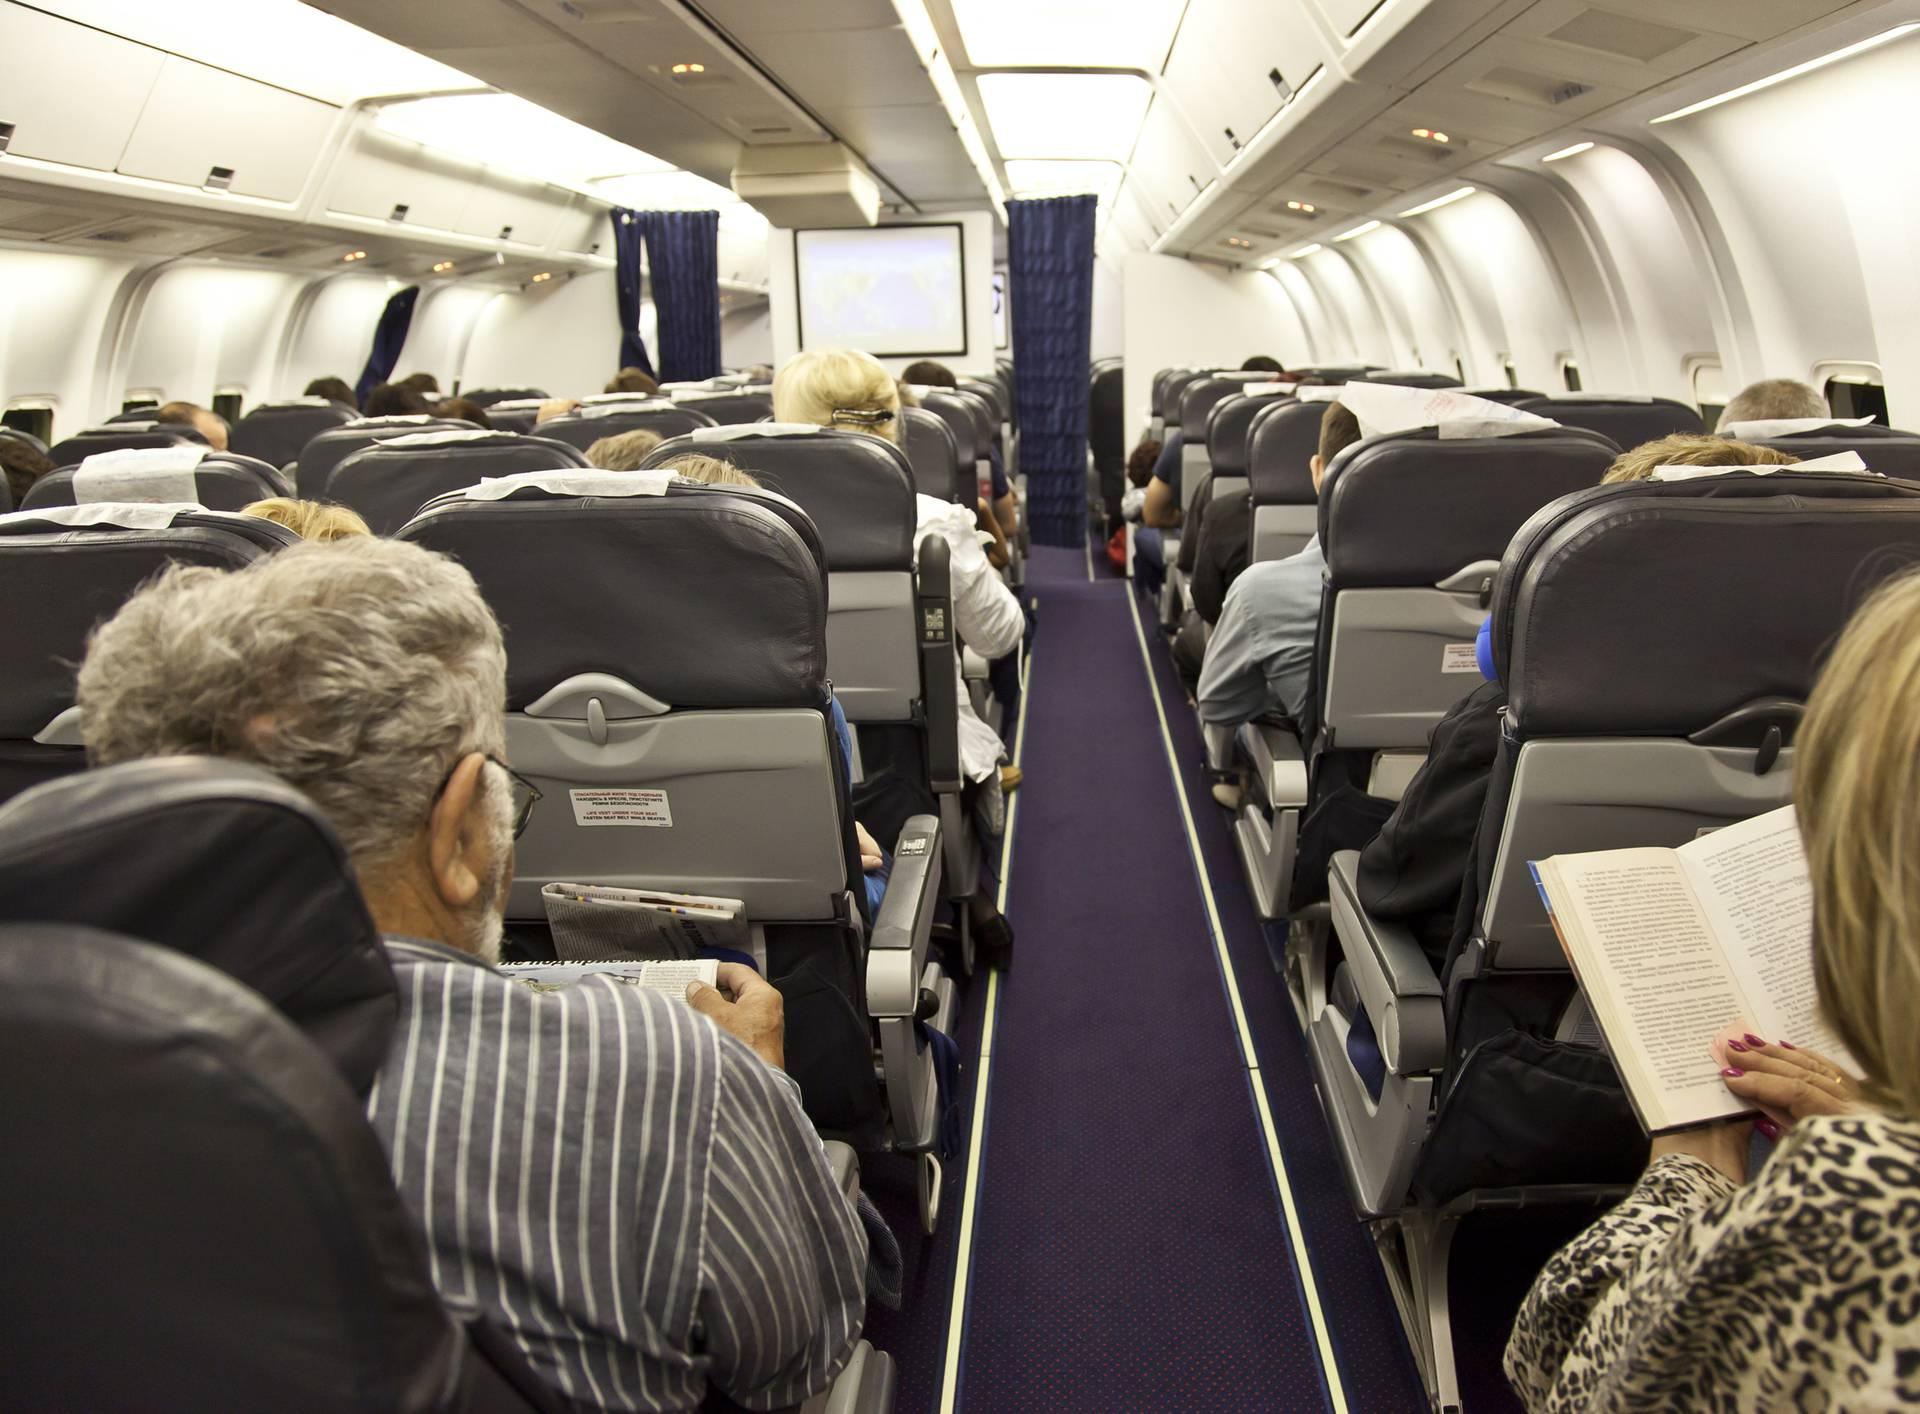 Zbog mjera sigurnosti cijene avionskih karata rastu do 54%